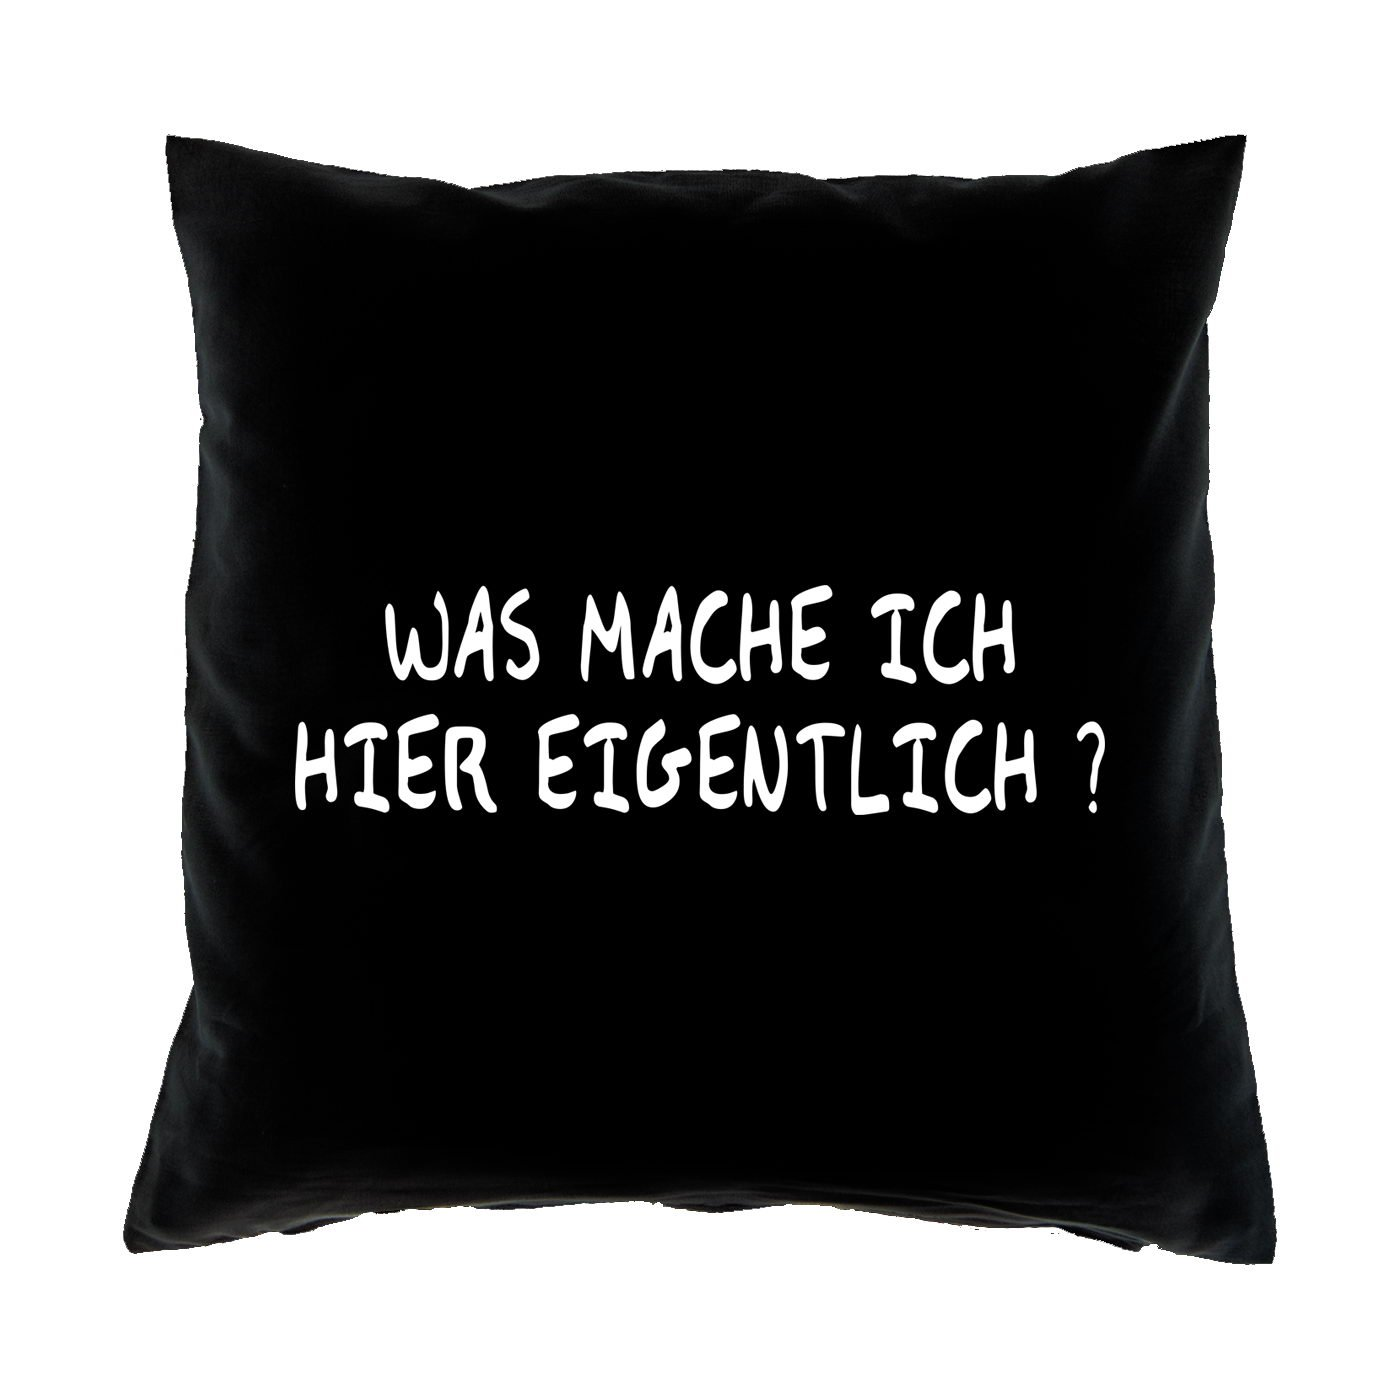 Sofa Fun Kissen mit Füllung – Motiv: Was mache ich eigentlich hier? – cooles lustiges Geschenk Couchkissen Sofakissen Dekokissen Geburtstag Weihnachten günstig bestellen